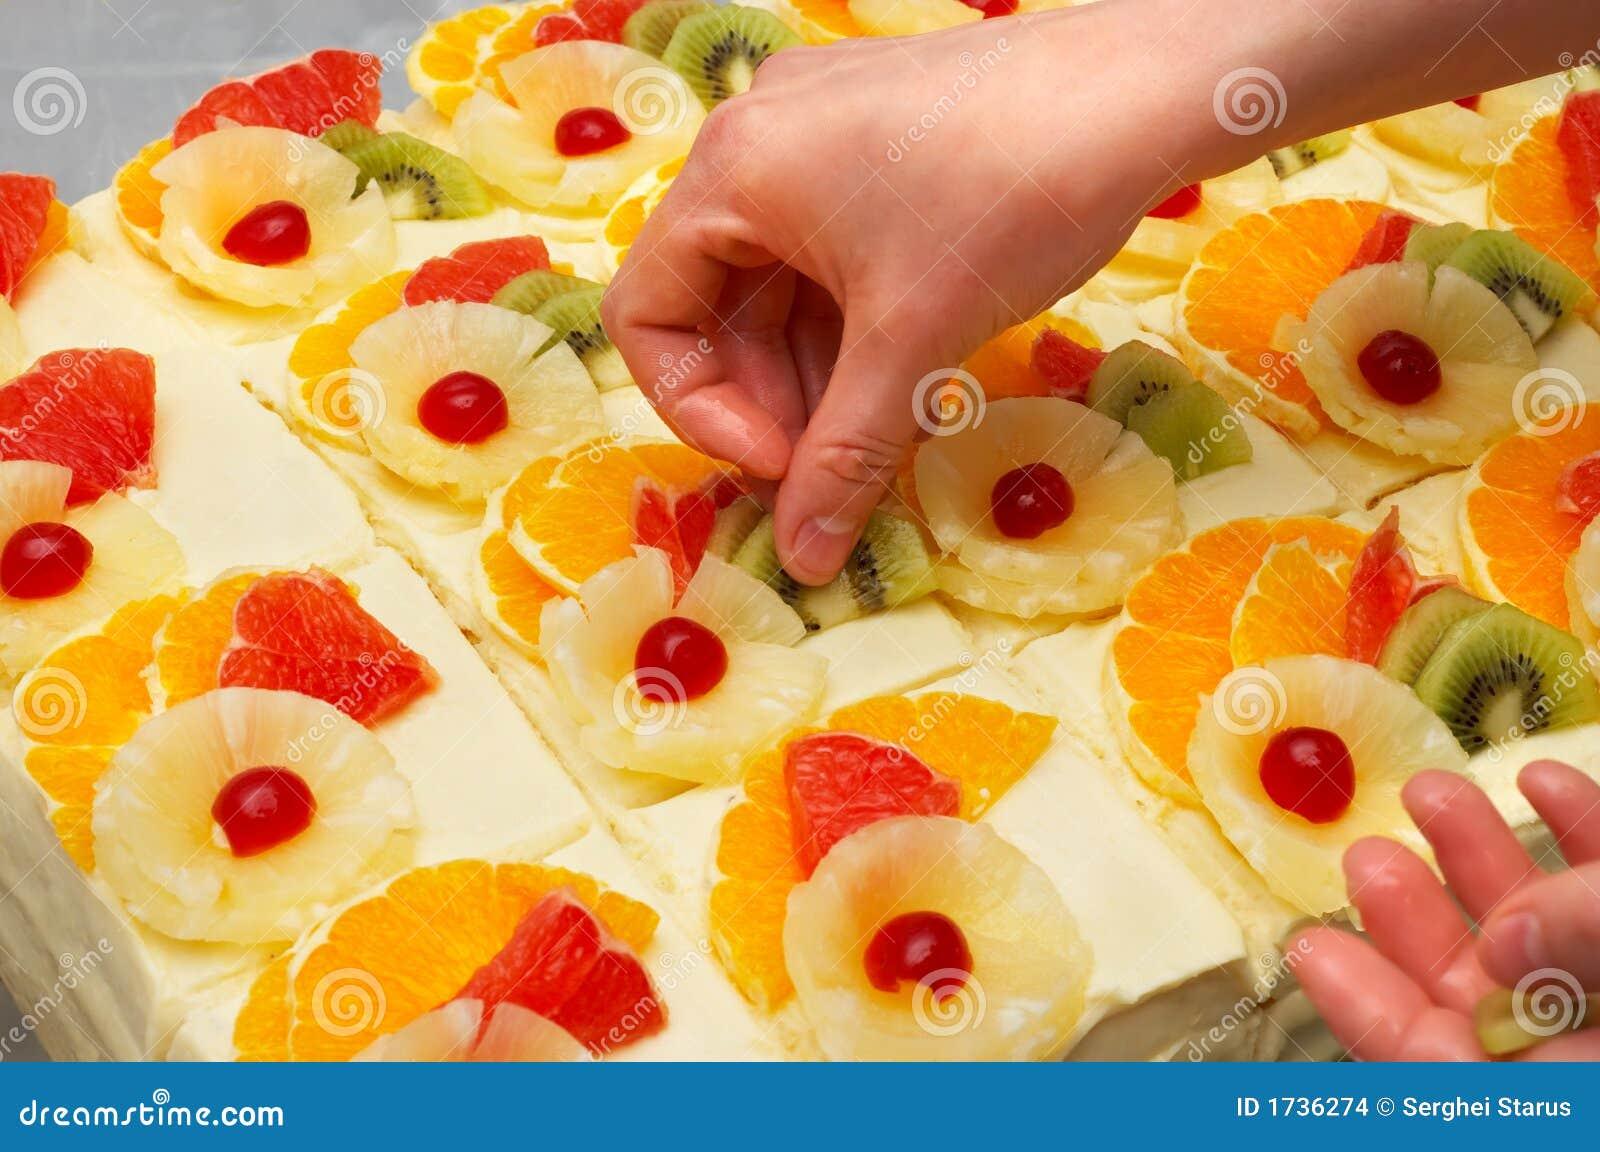 D coration des g teaux de fruit images stock image 1736274 - Decoration de gateau avec des fruits ...